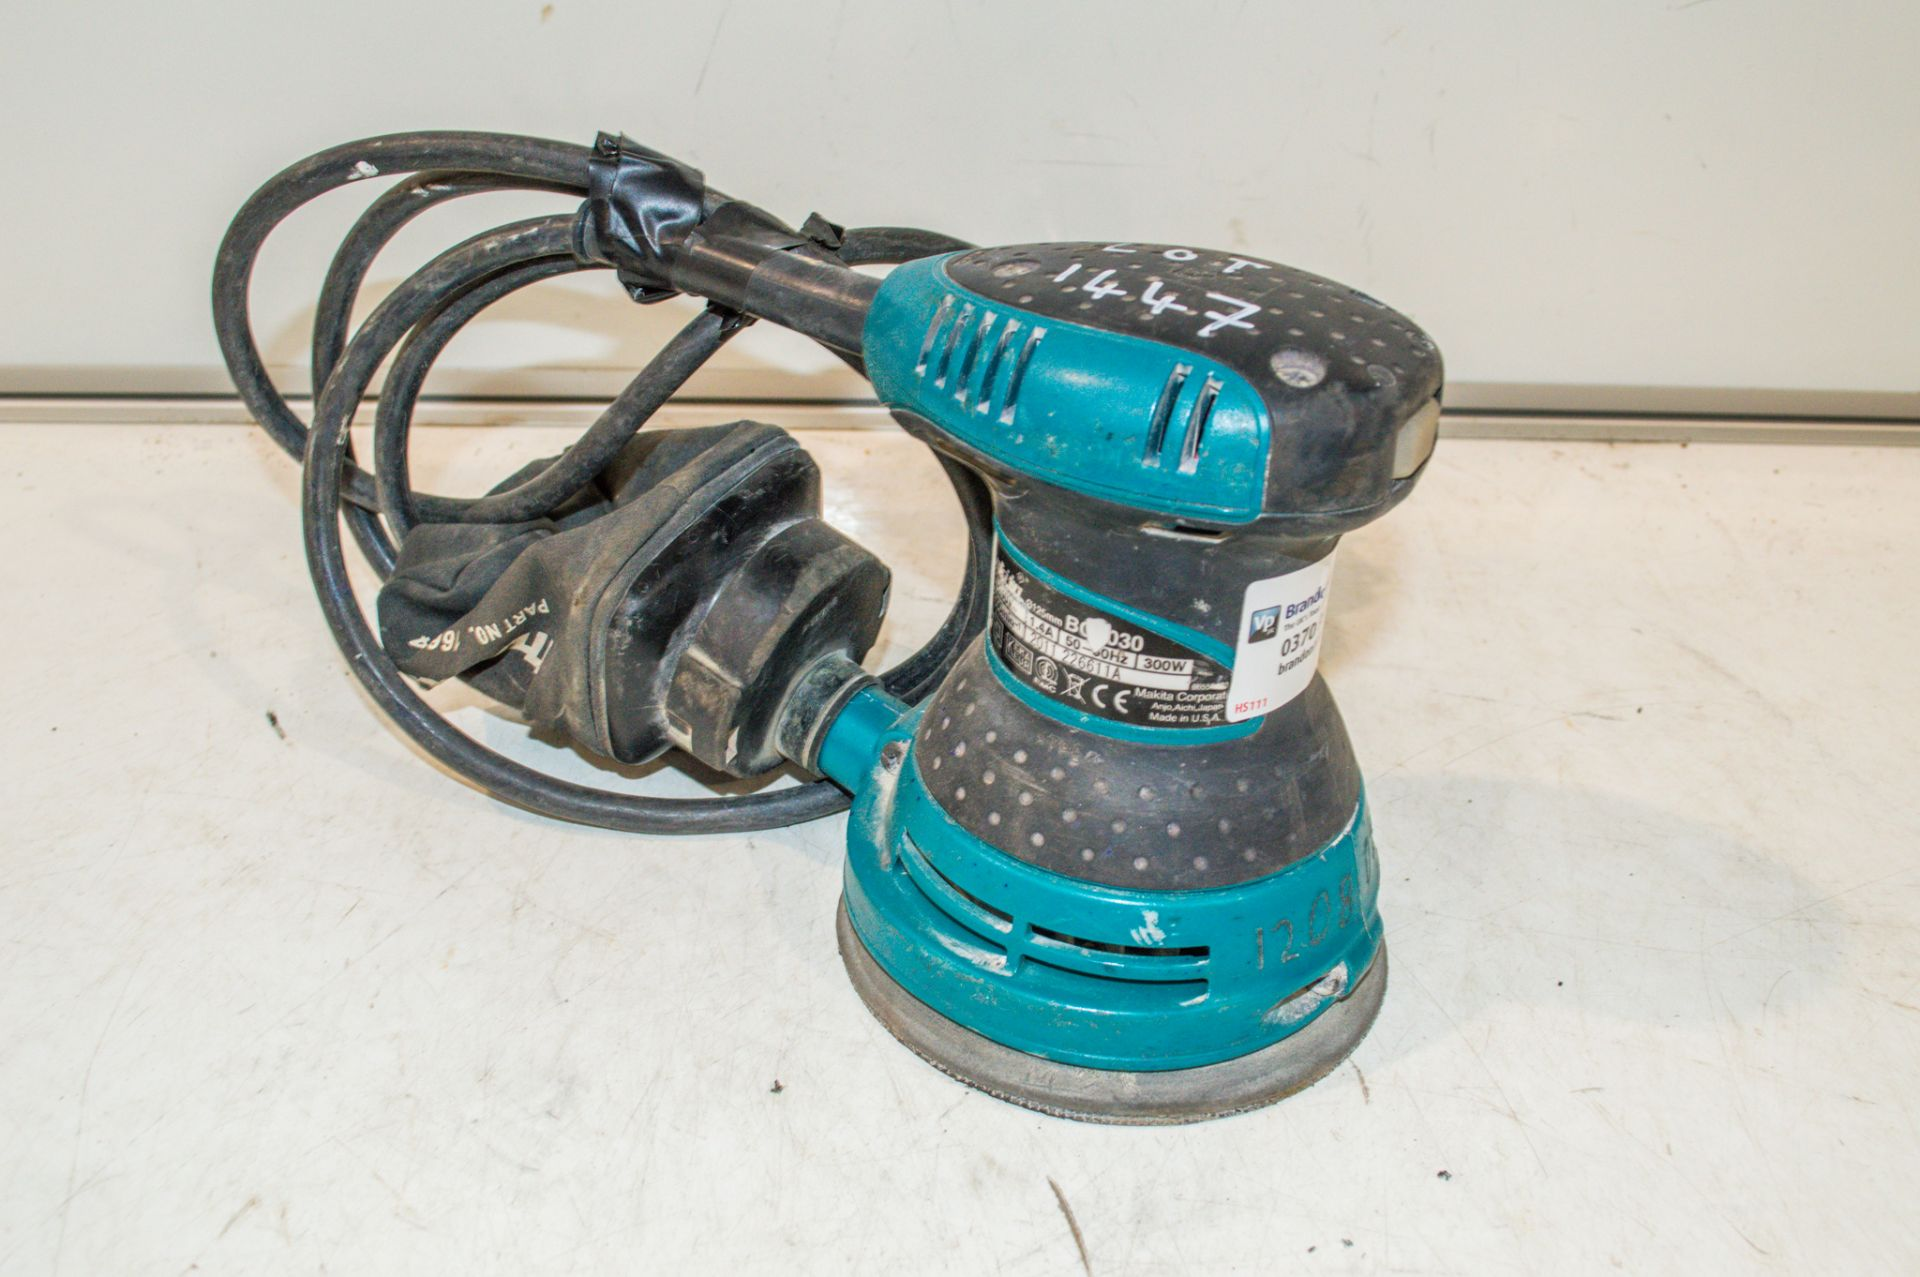 Makita BO5030 240v palm sander 12080735